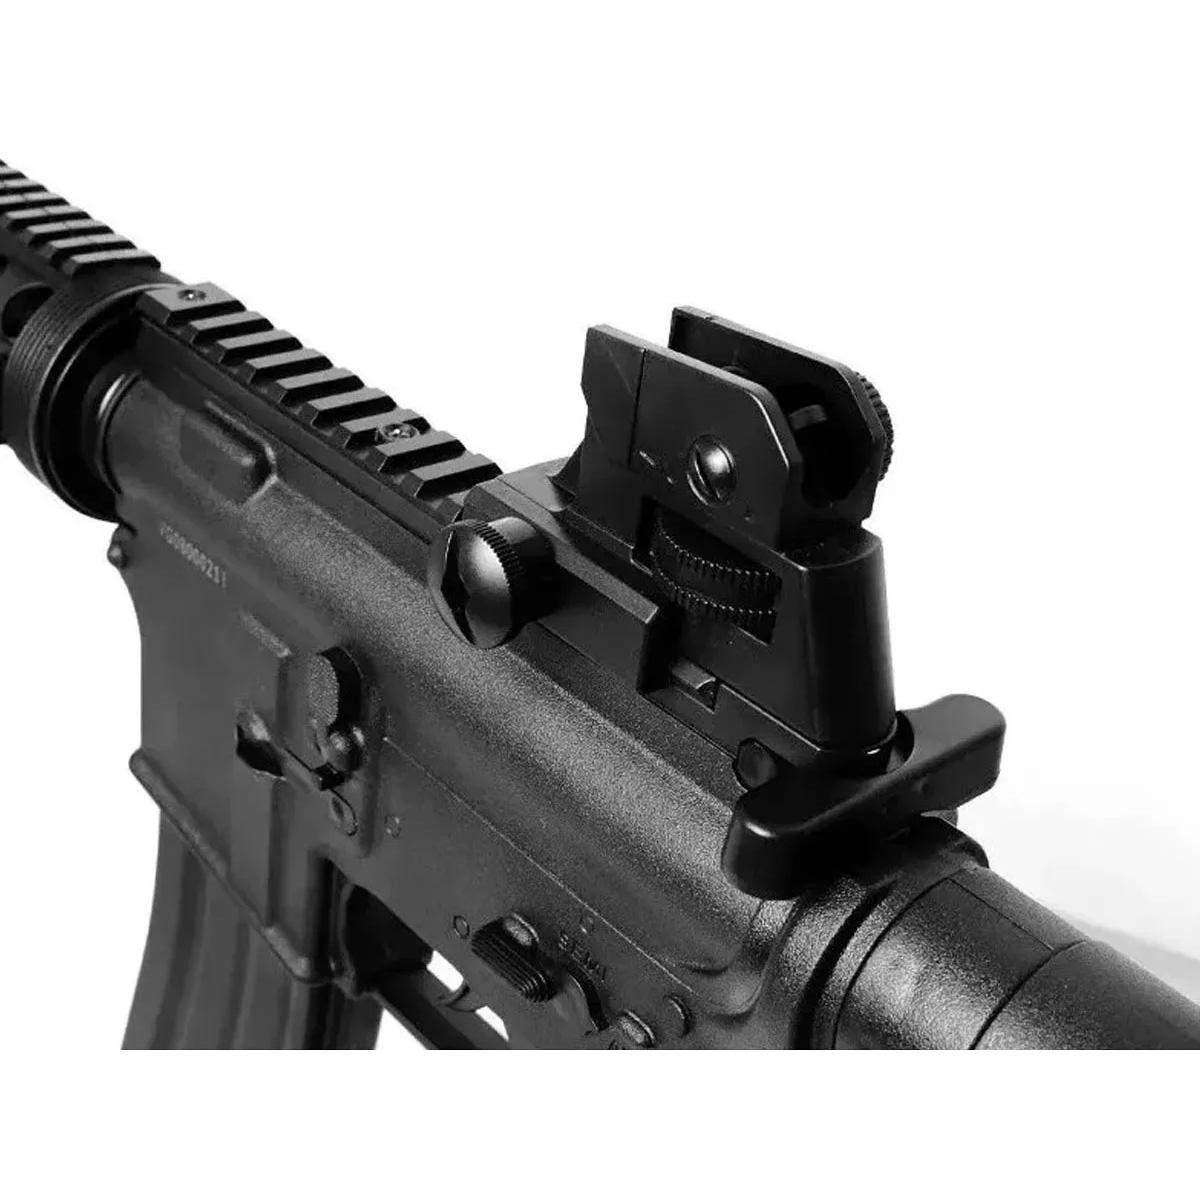 Airsoft Kit Pistola E Rifle M4a1 E Glock V307 6mm + 1000 Bbs